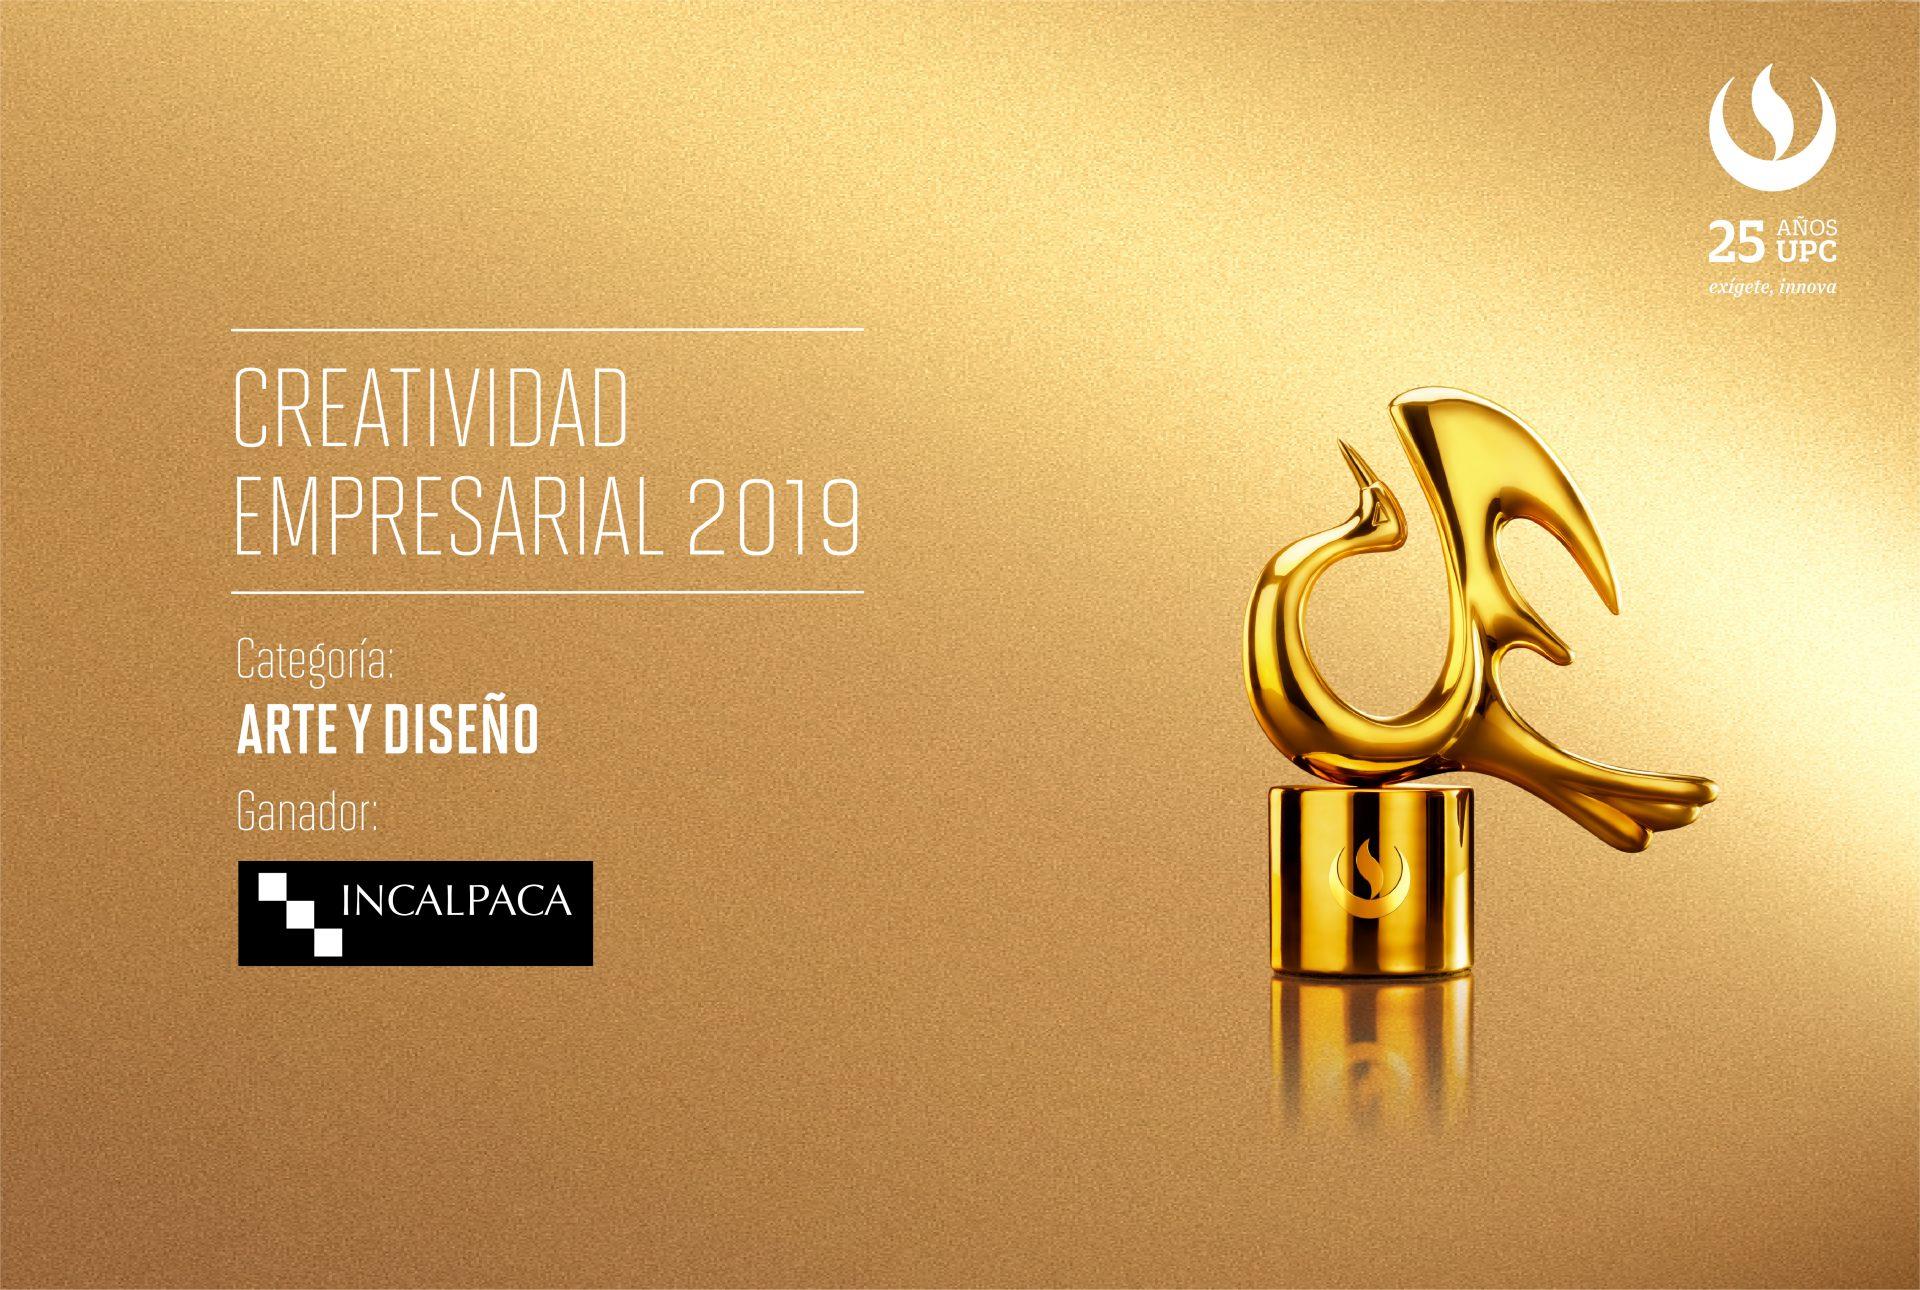 Creatividad Empresarial 2019: Incalpaca TX  fue el primer ganador de la noche en la categoría Arte y Diseño